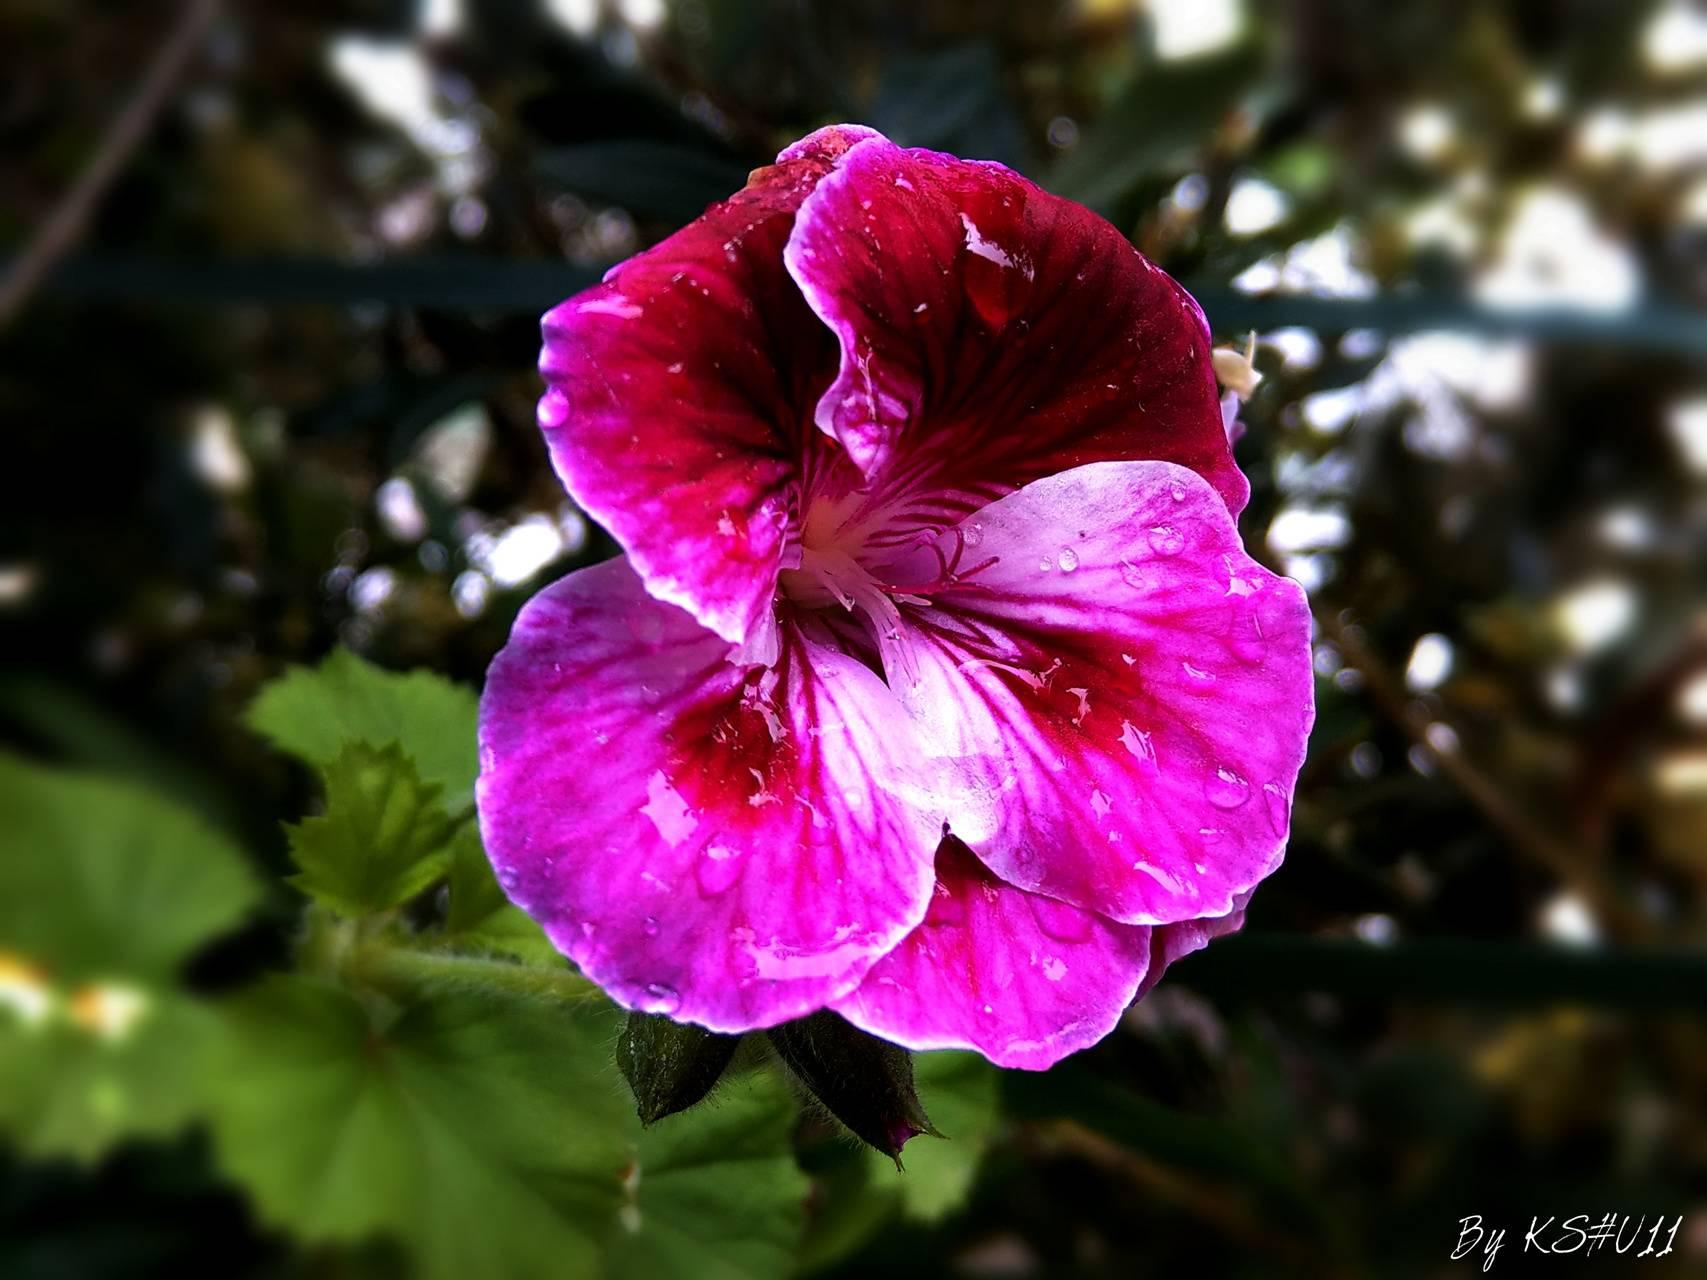 Magnifique fleur